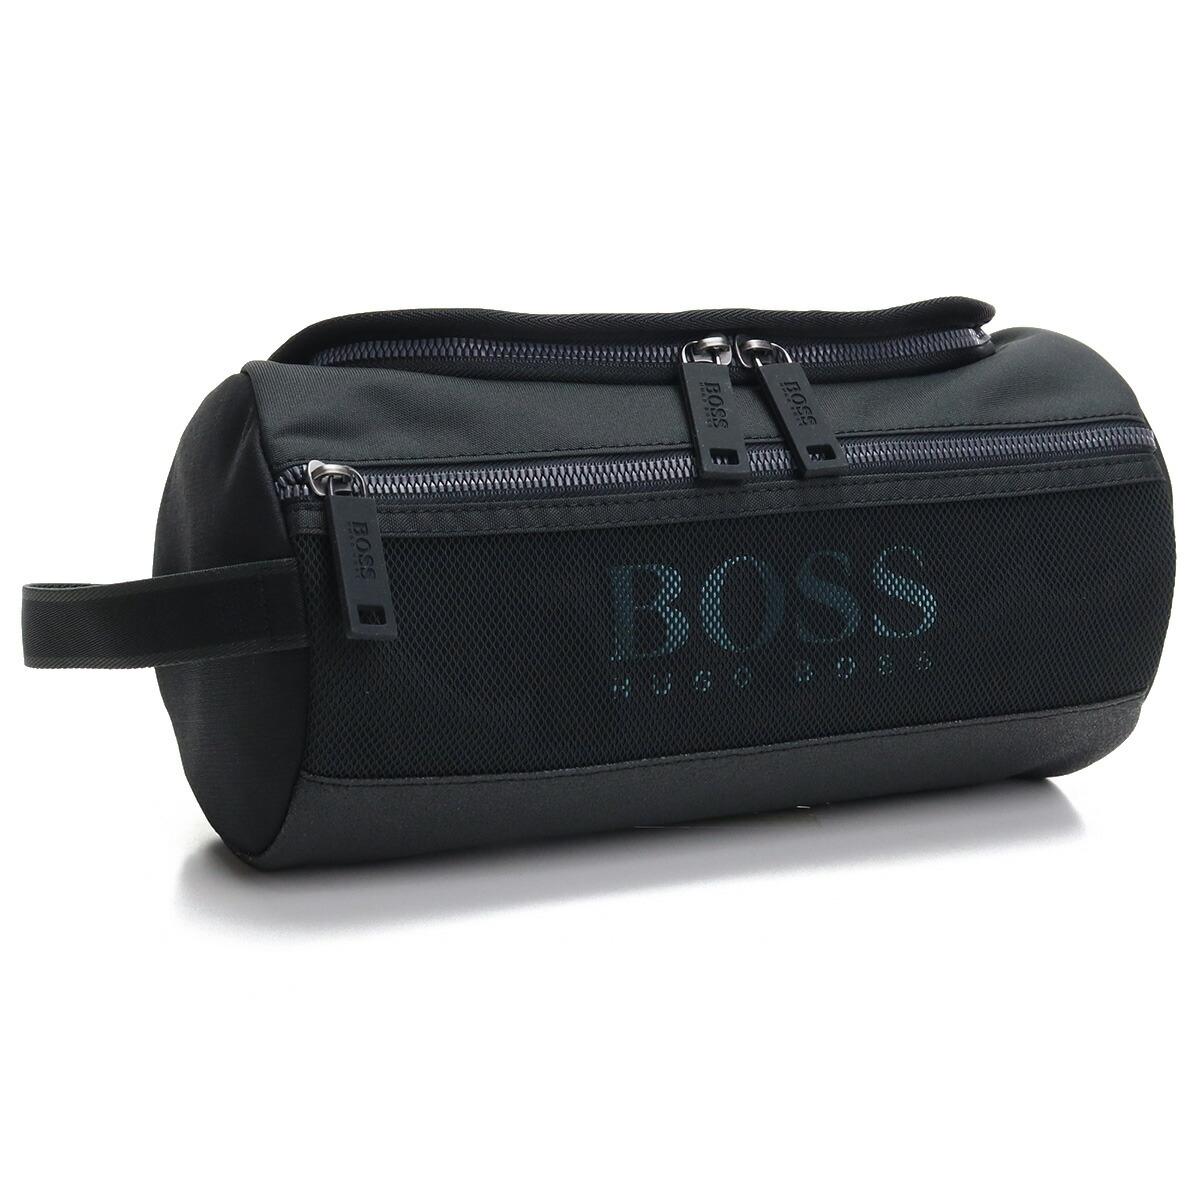 ヒューゴ・ボス HUGO BOSS  セカンドバッグ 50454207 10234968 001 ブラック seco-01